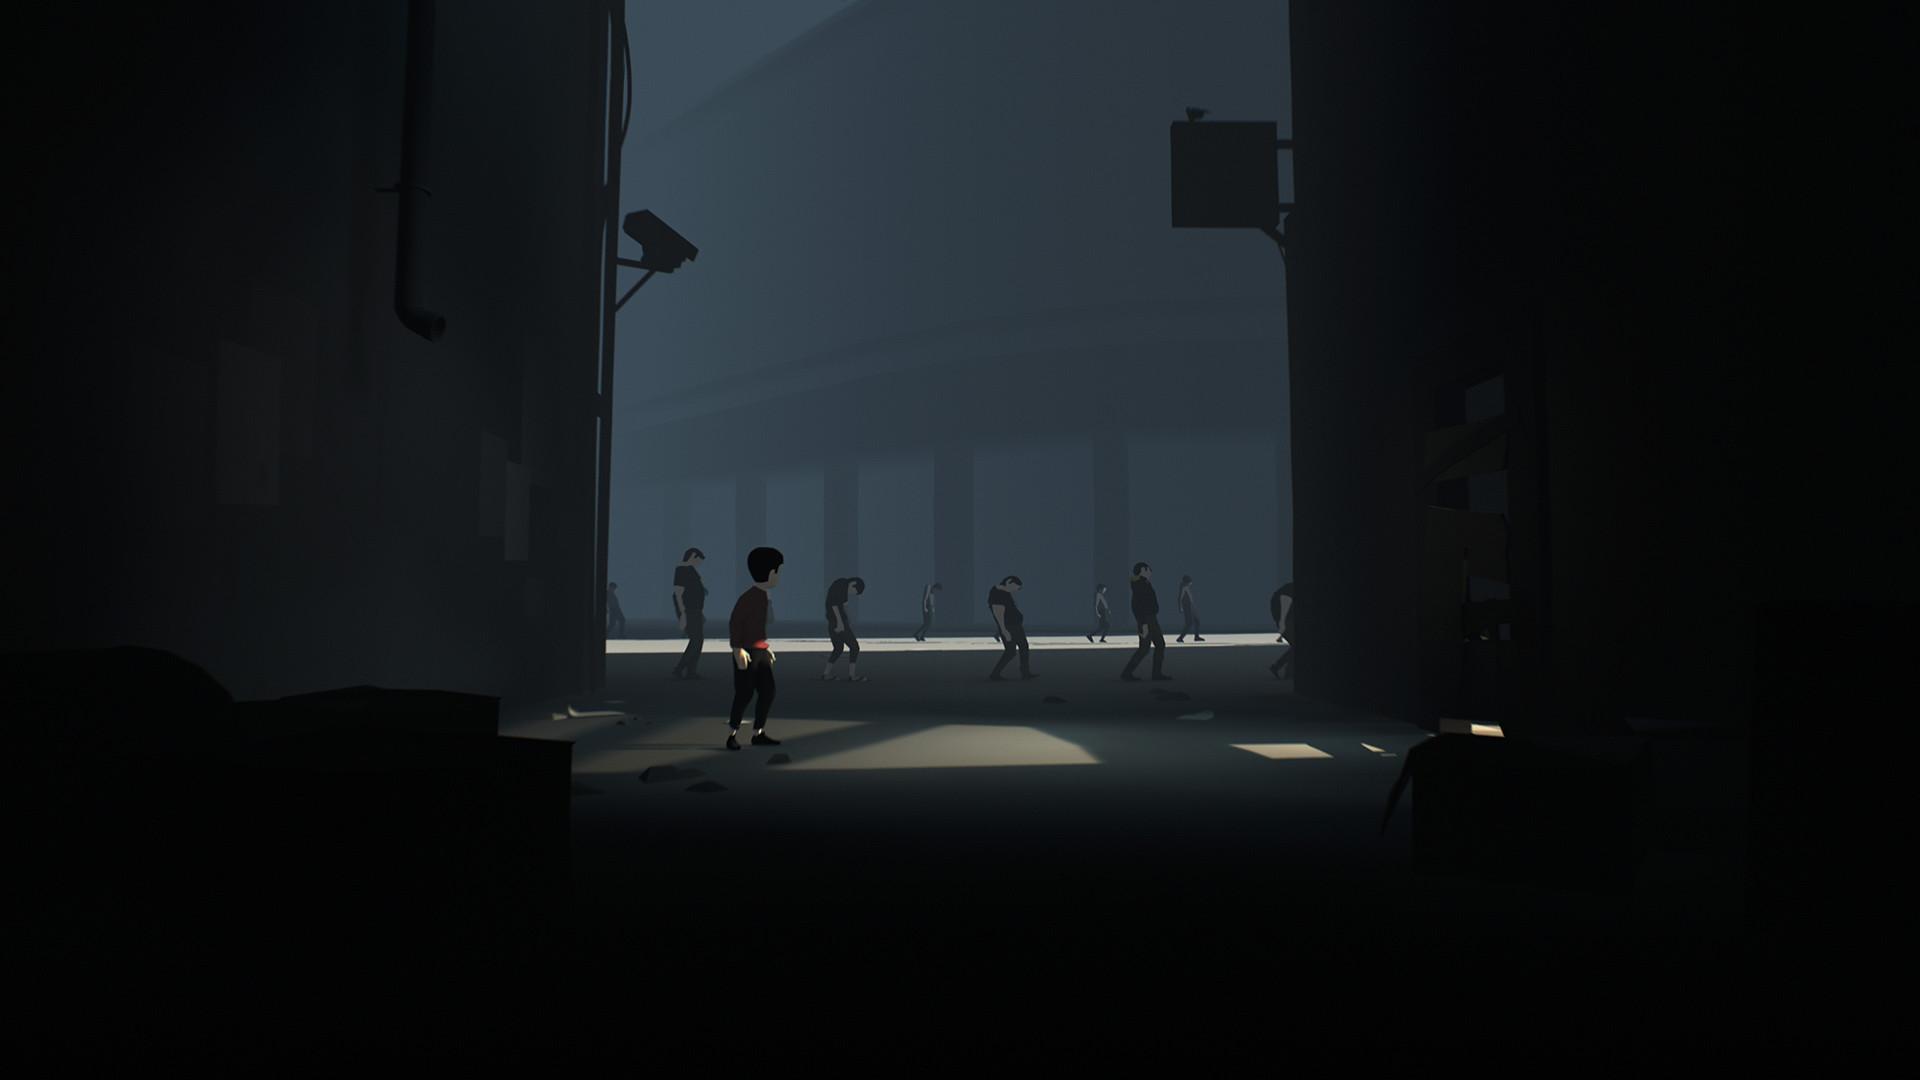 Inside Screenshot 1